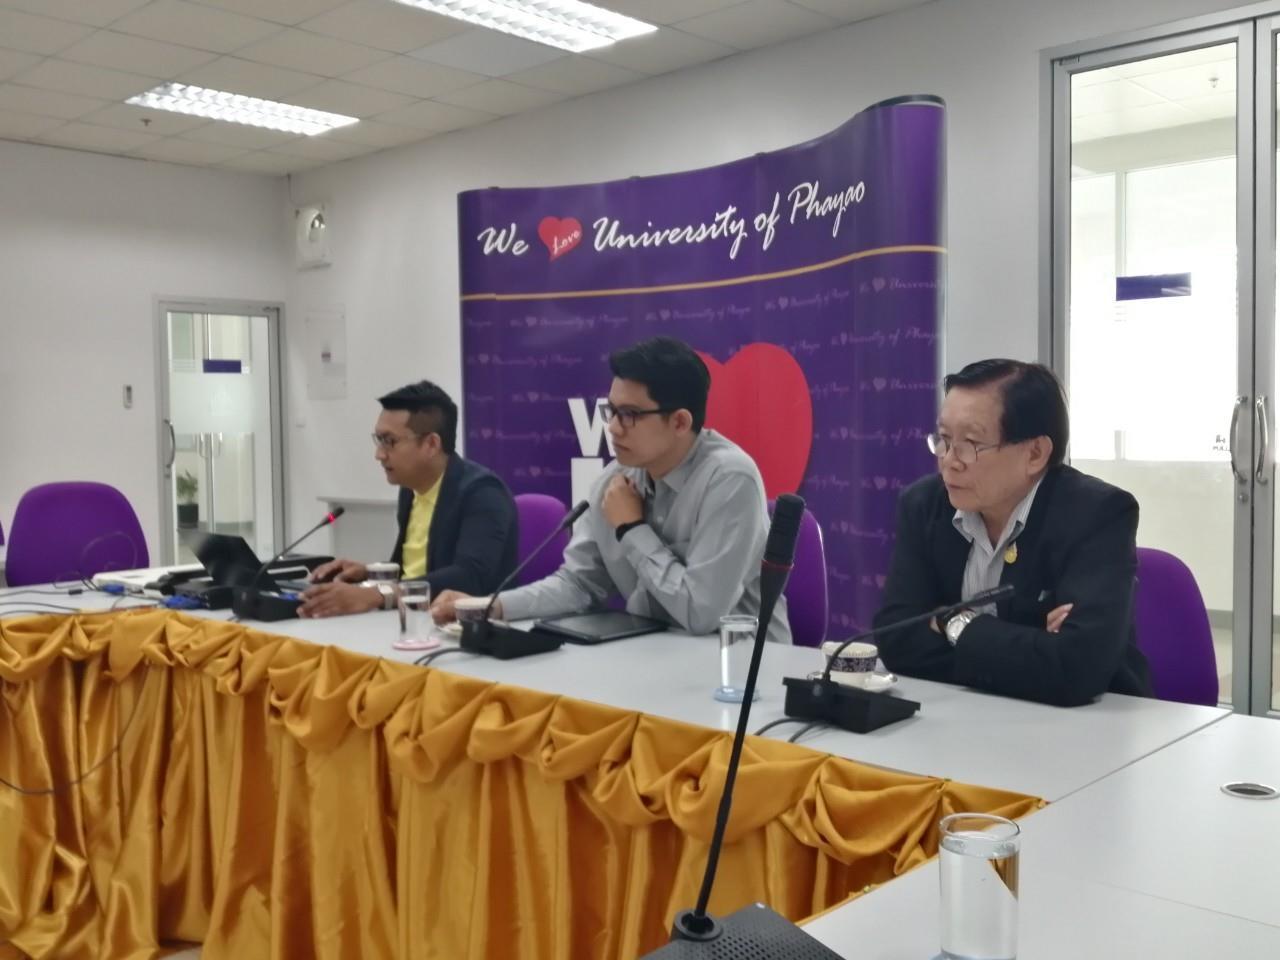 """คณะวิทยาศาสตร์ ร่วมกับ คณะเทคโนโลยีสารสนเทศและการสื่อสาร หารือร่วมมือในการออกแบบหลักสูตร """"Data Scientist"""" หรือ """"นักวิทยาศาสตร์ข้อมูล"""" เพื่อเป็นการพัฒนากำลังคนในยุค Thailand 4.0"""